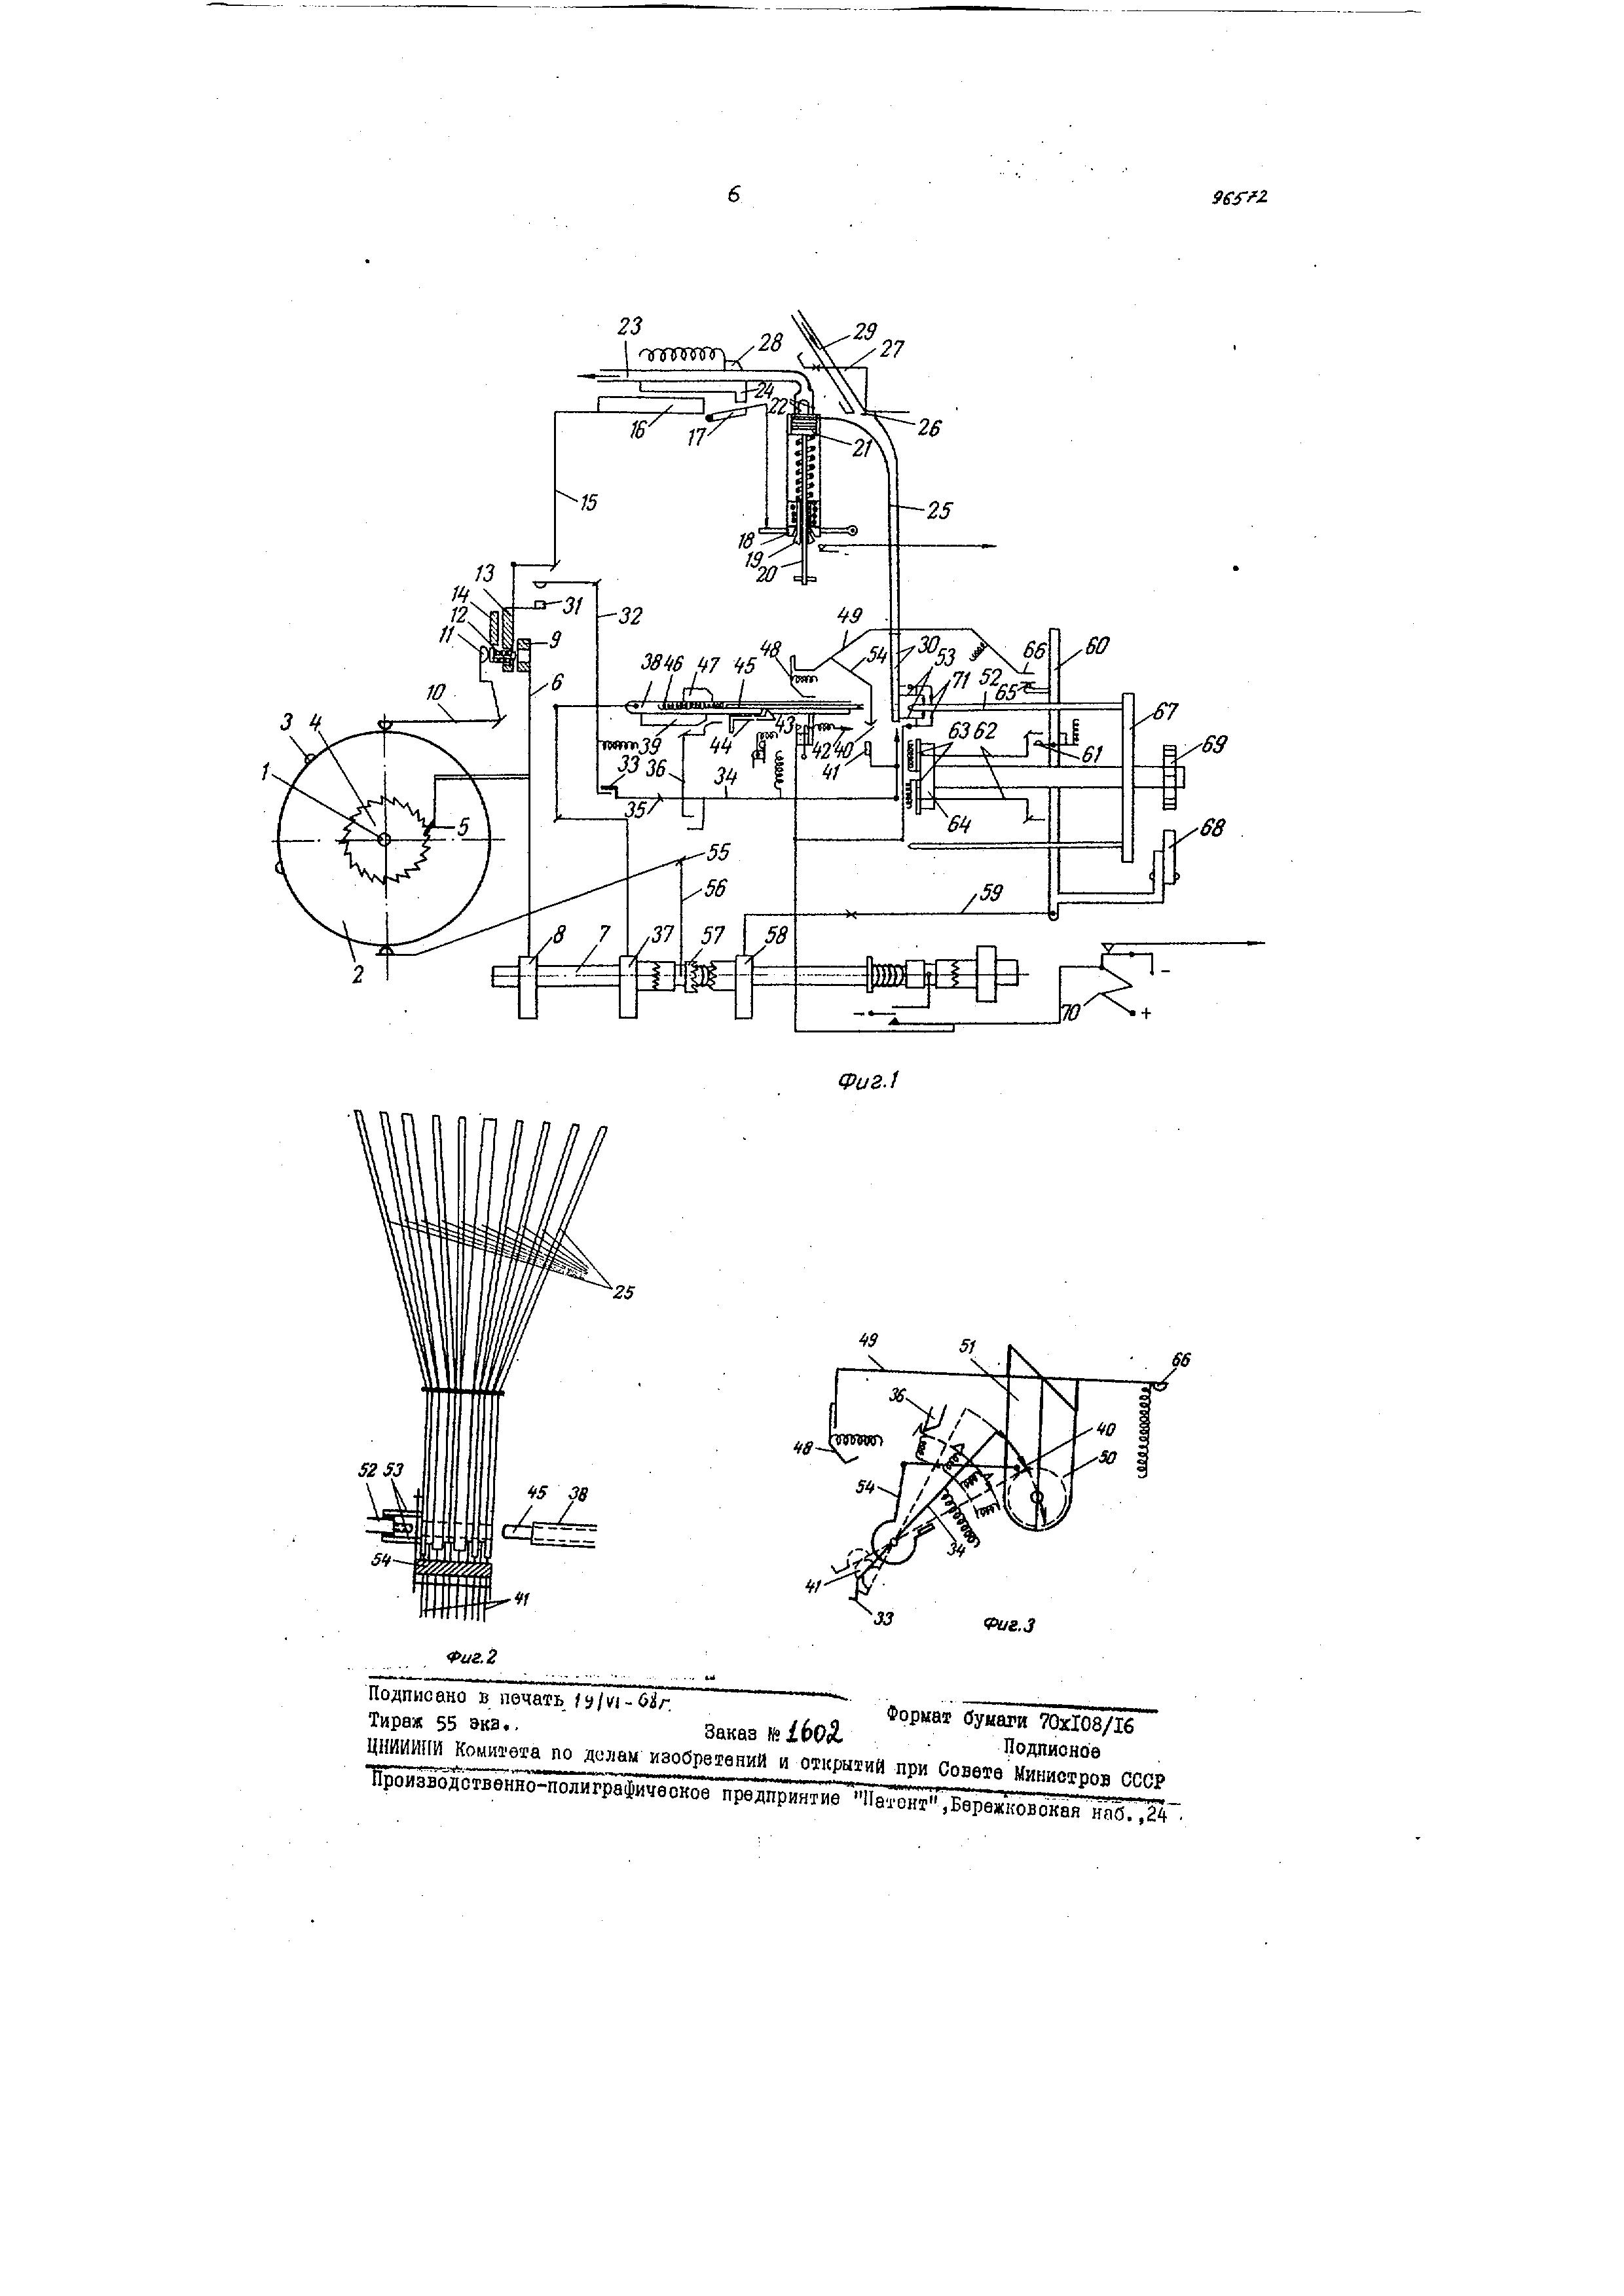 Селеновый выпрямитель и эл схема его подключения